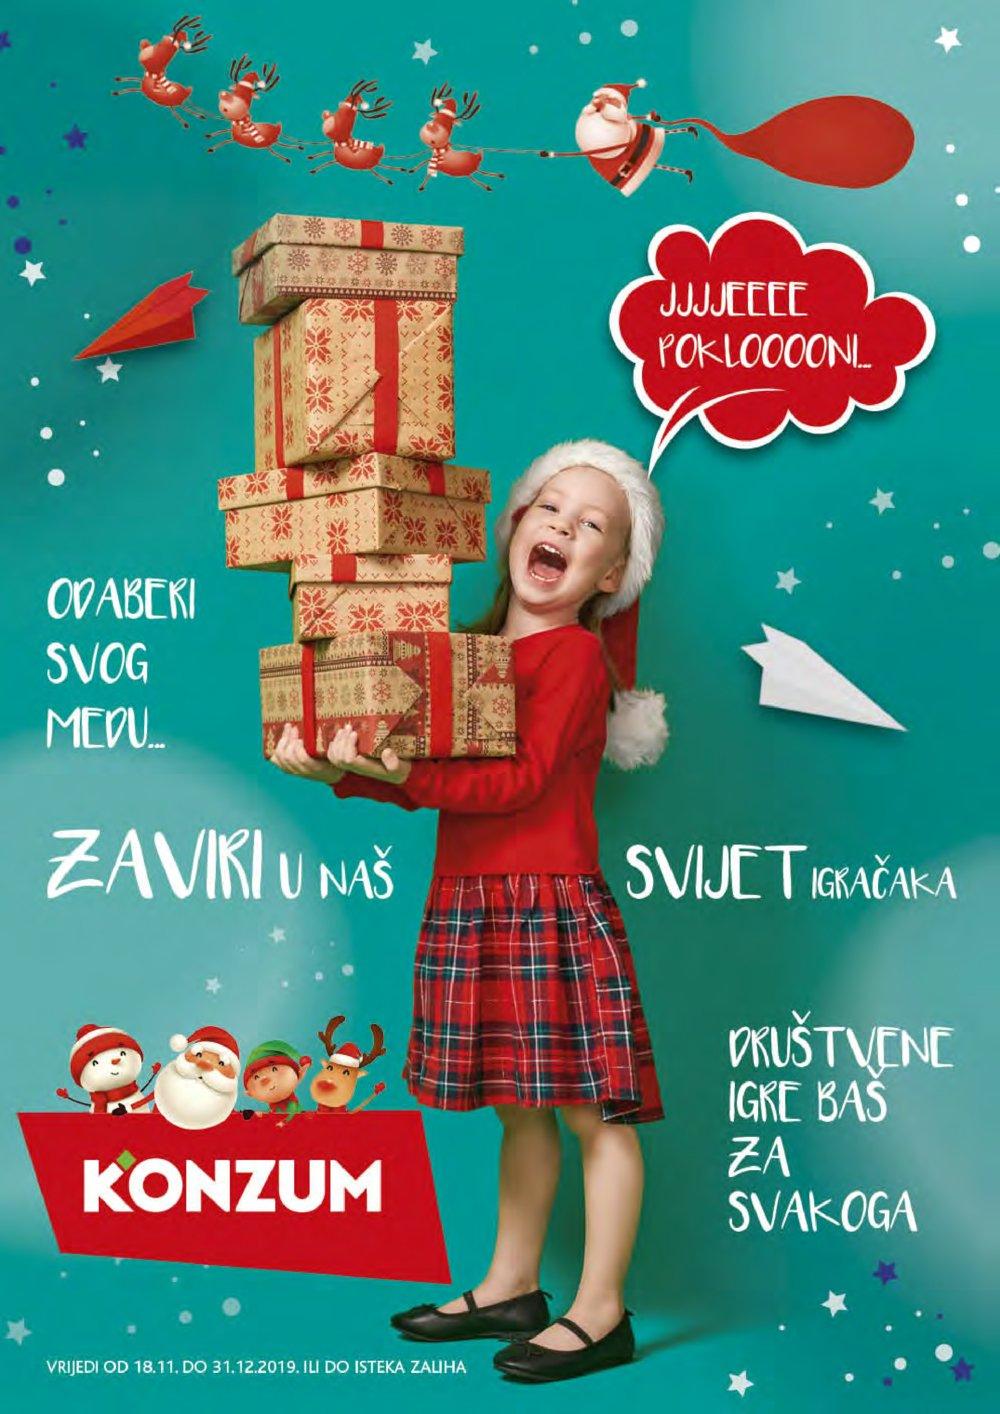 Konzum katalog Igračke 18.11.-31.12.2019.